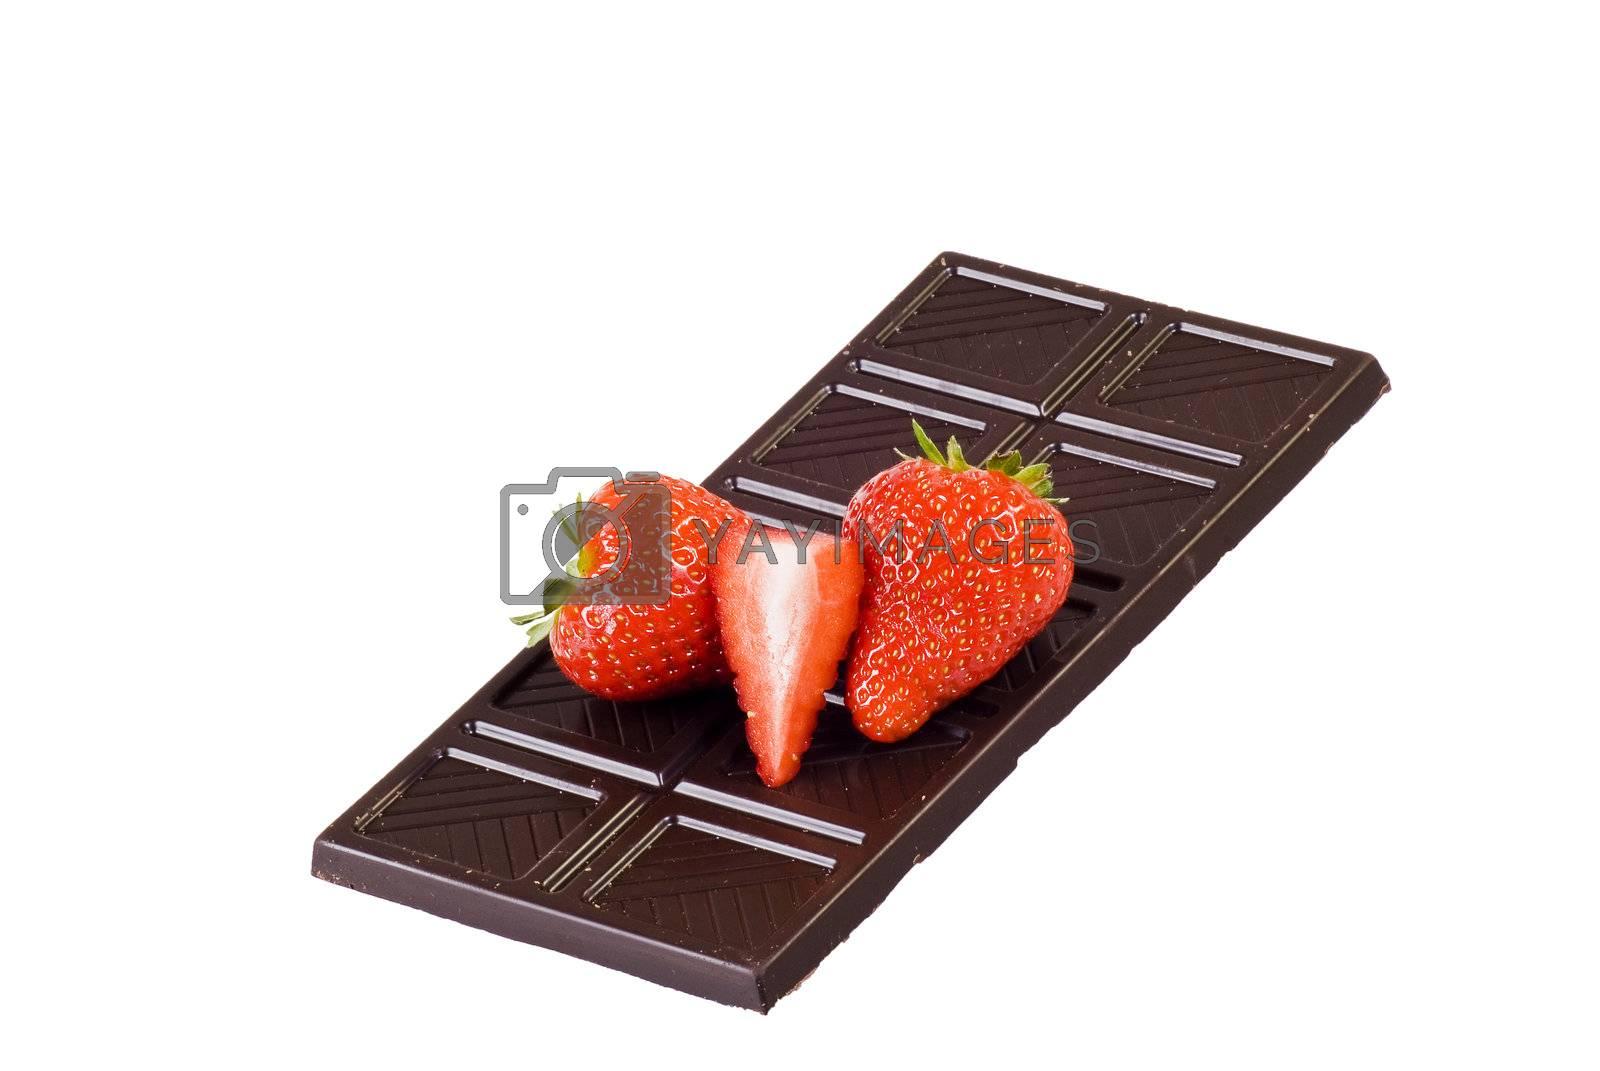 Dark chocolate and strawberries by caldix